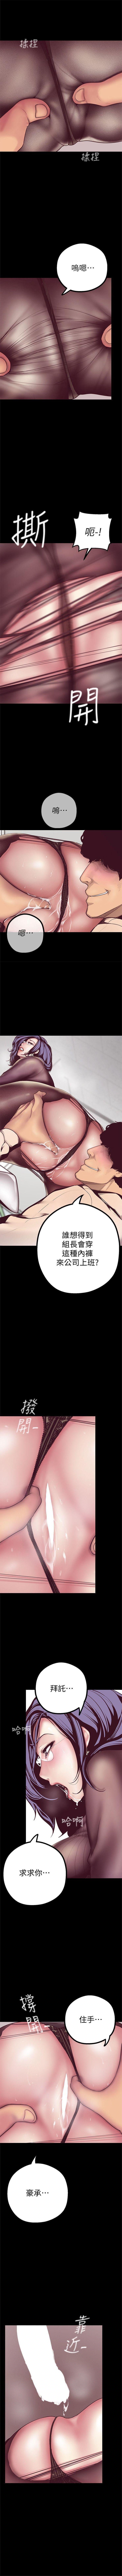 (周6)美丽新世界 1-61 中文翻译 (更新中) 100